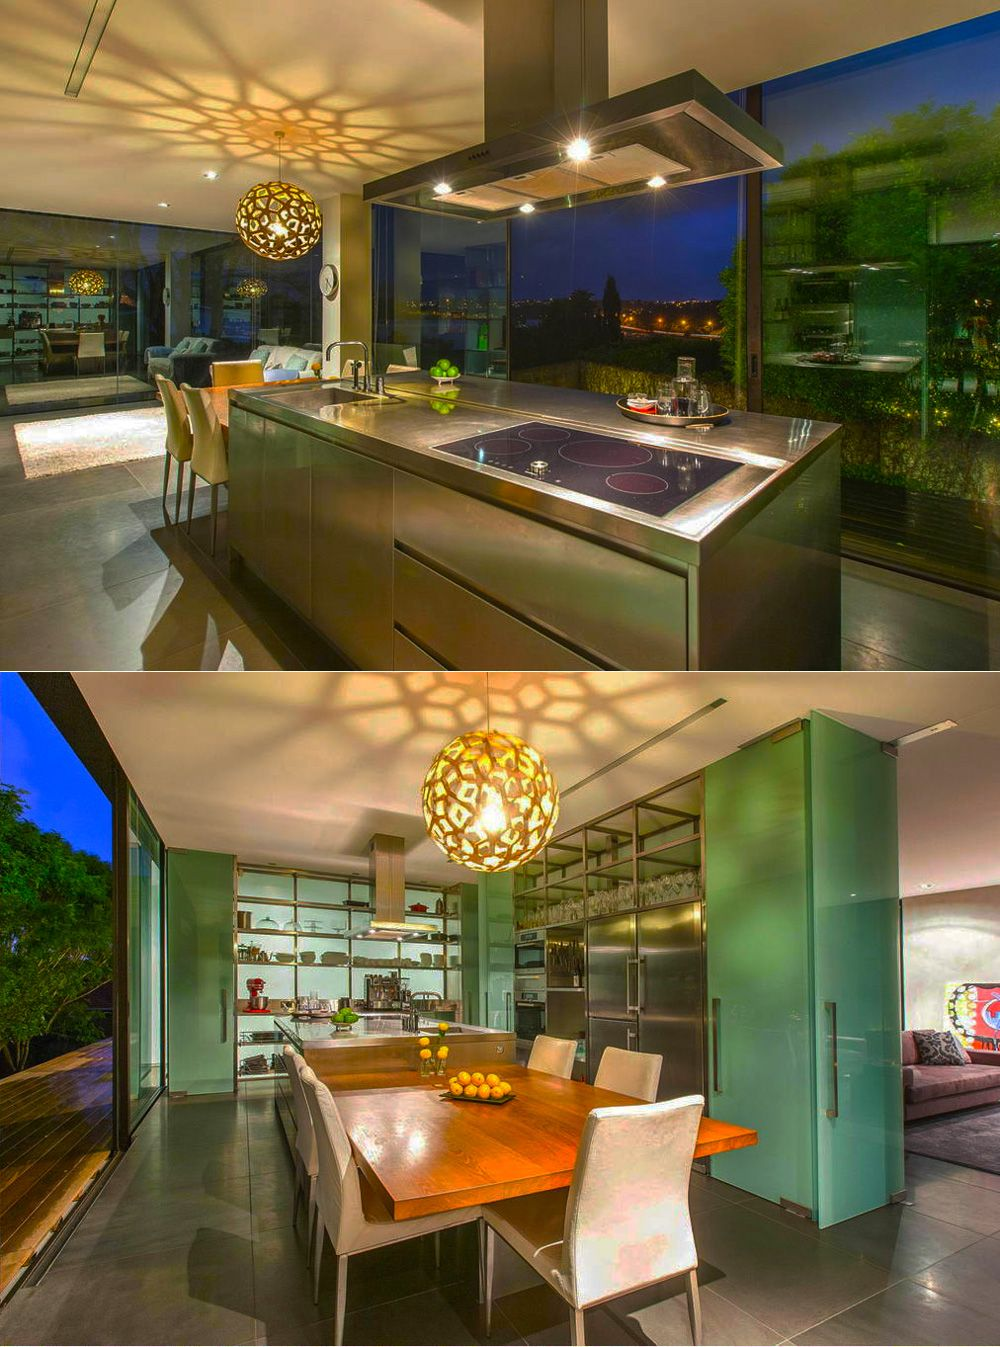 Küche und esszimmer designs interior design  home  pinterest  küche esszimmer und esszimmer